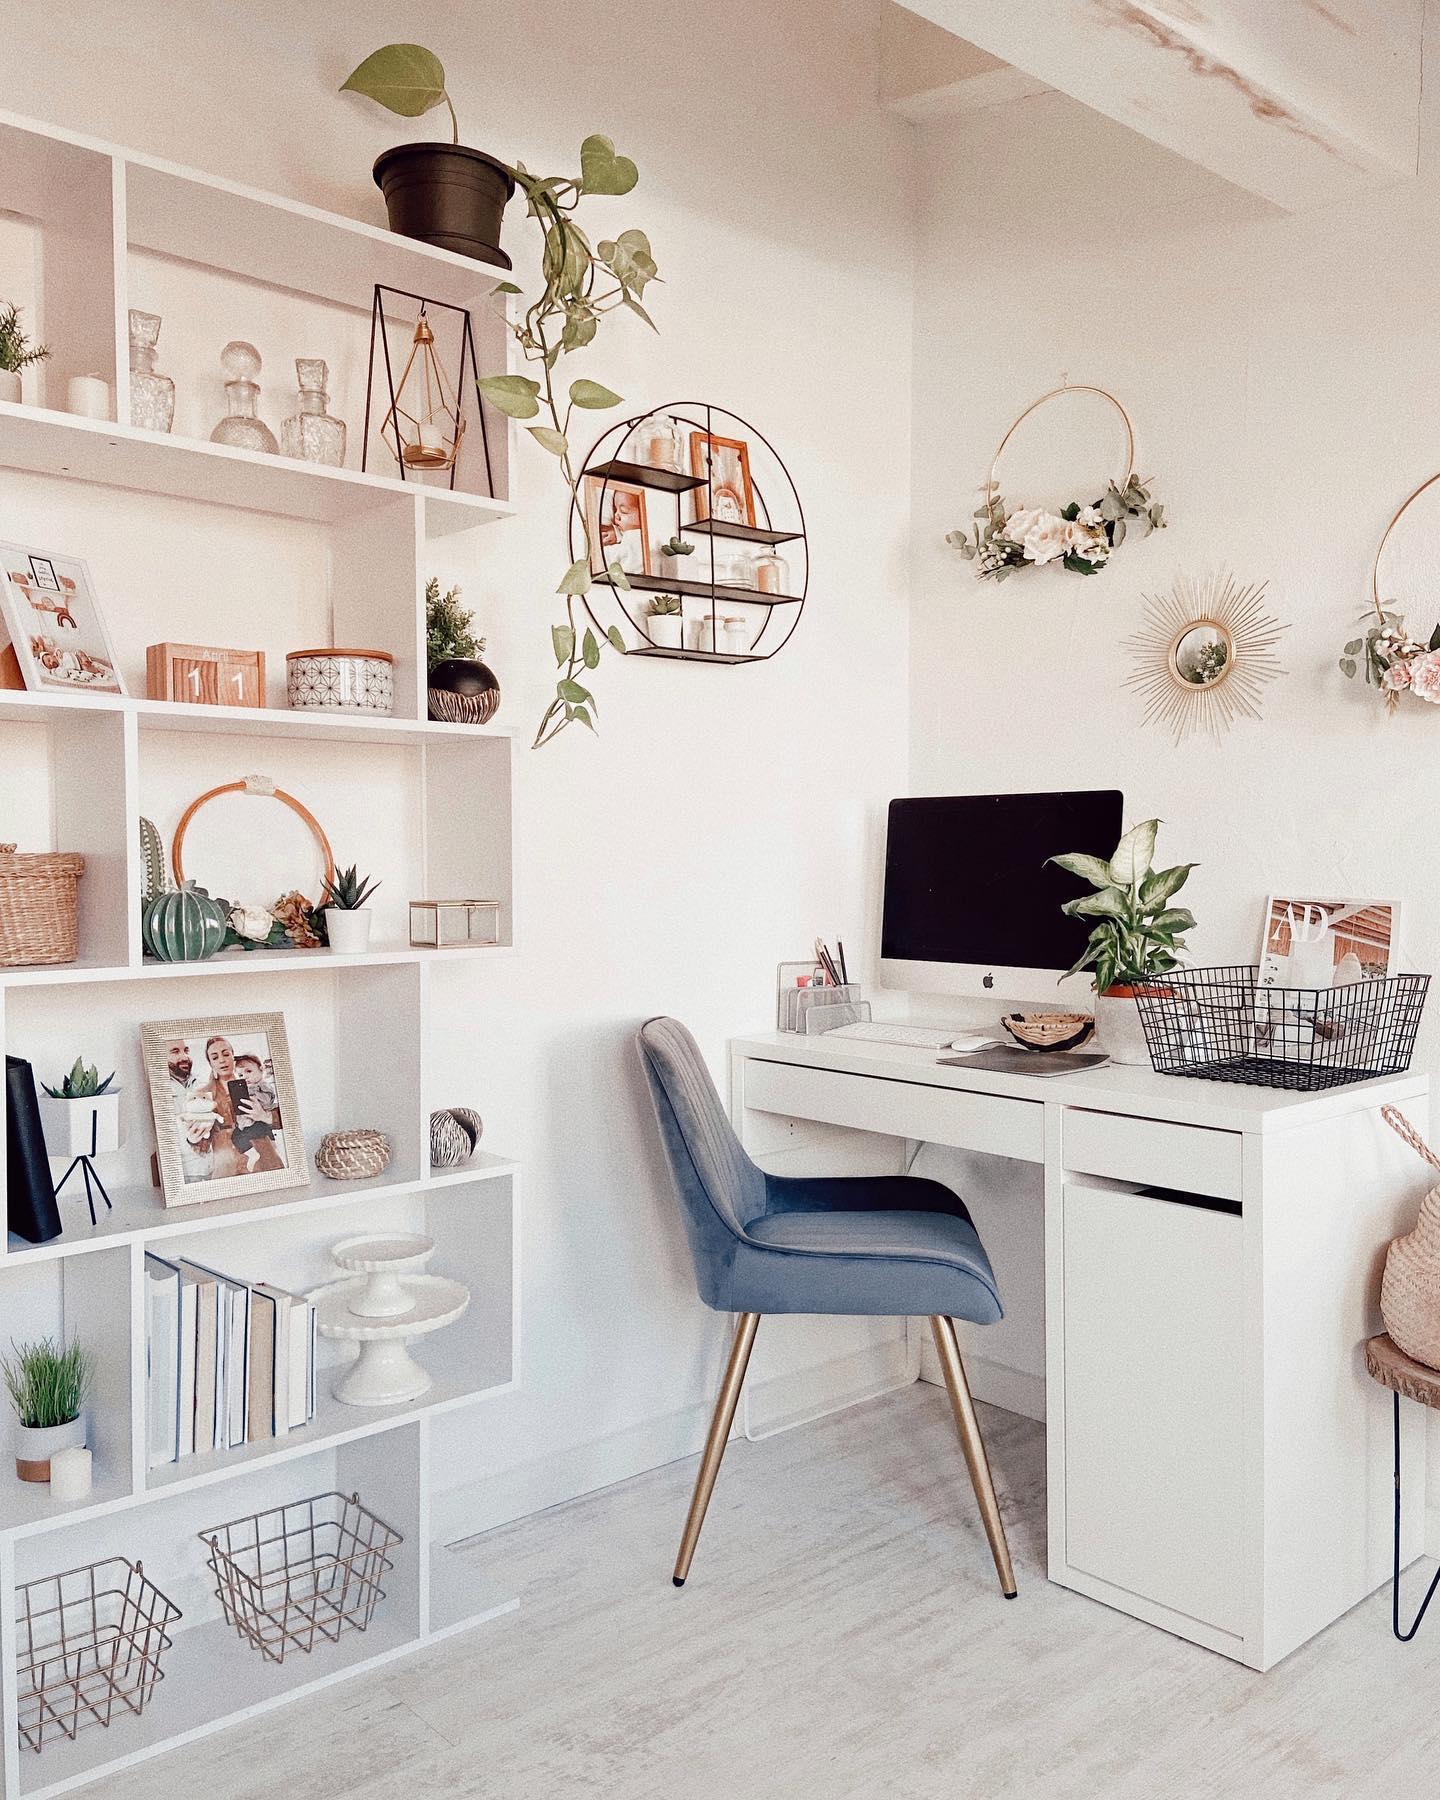 Biurko w kąciku w sypialni obok białego regału z dekoracjami